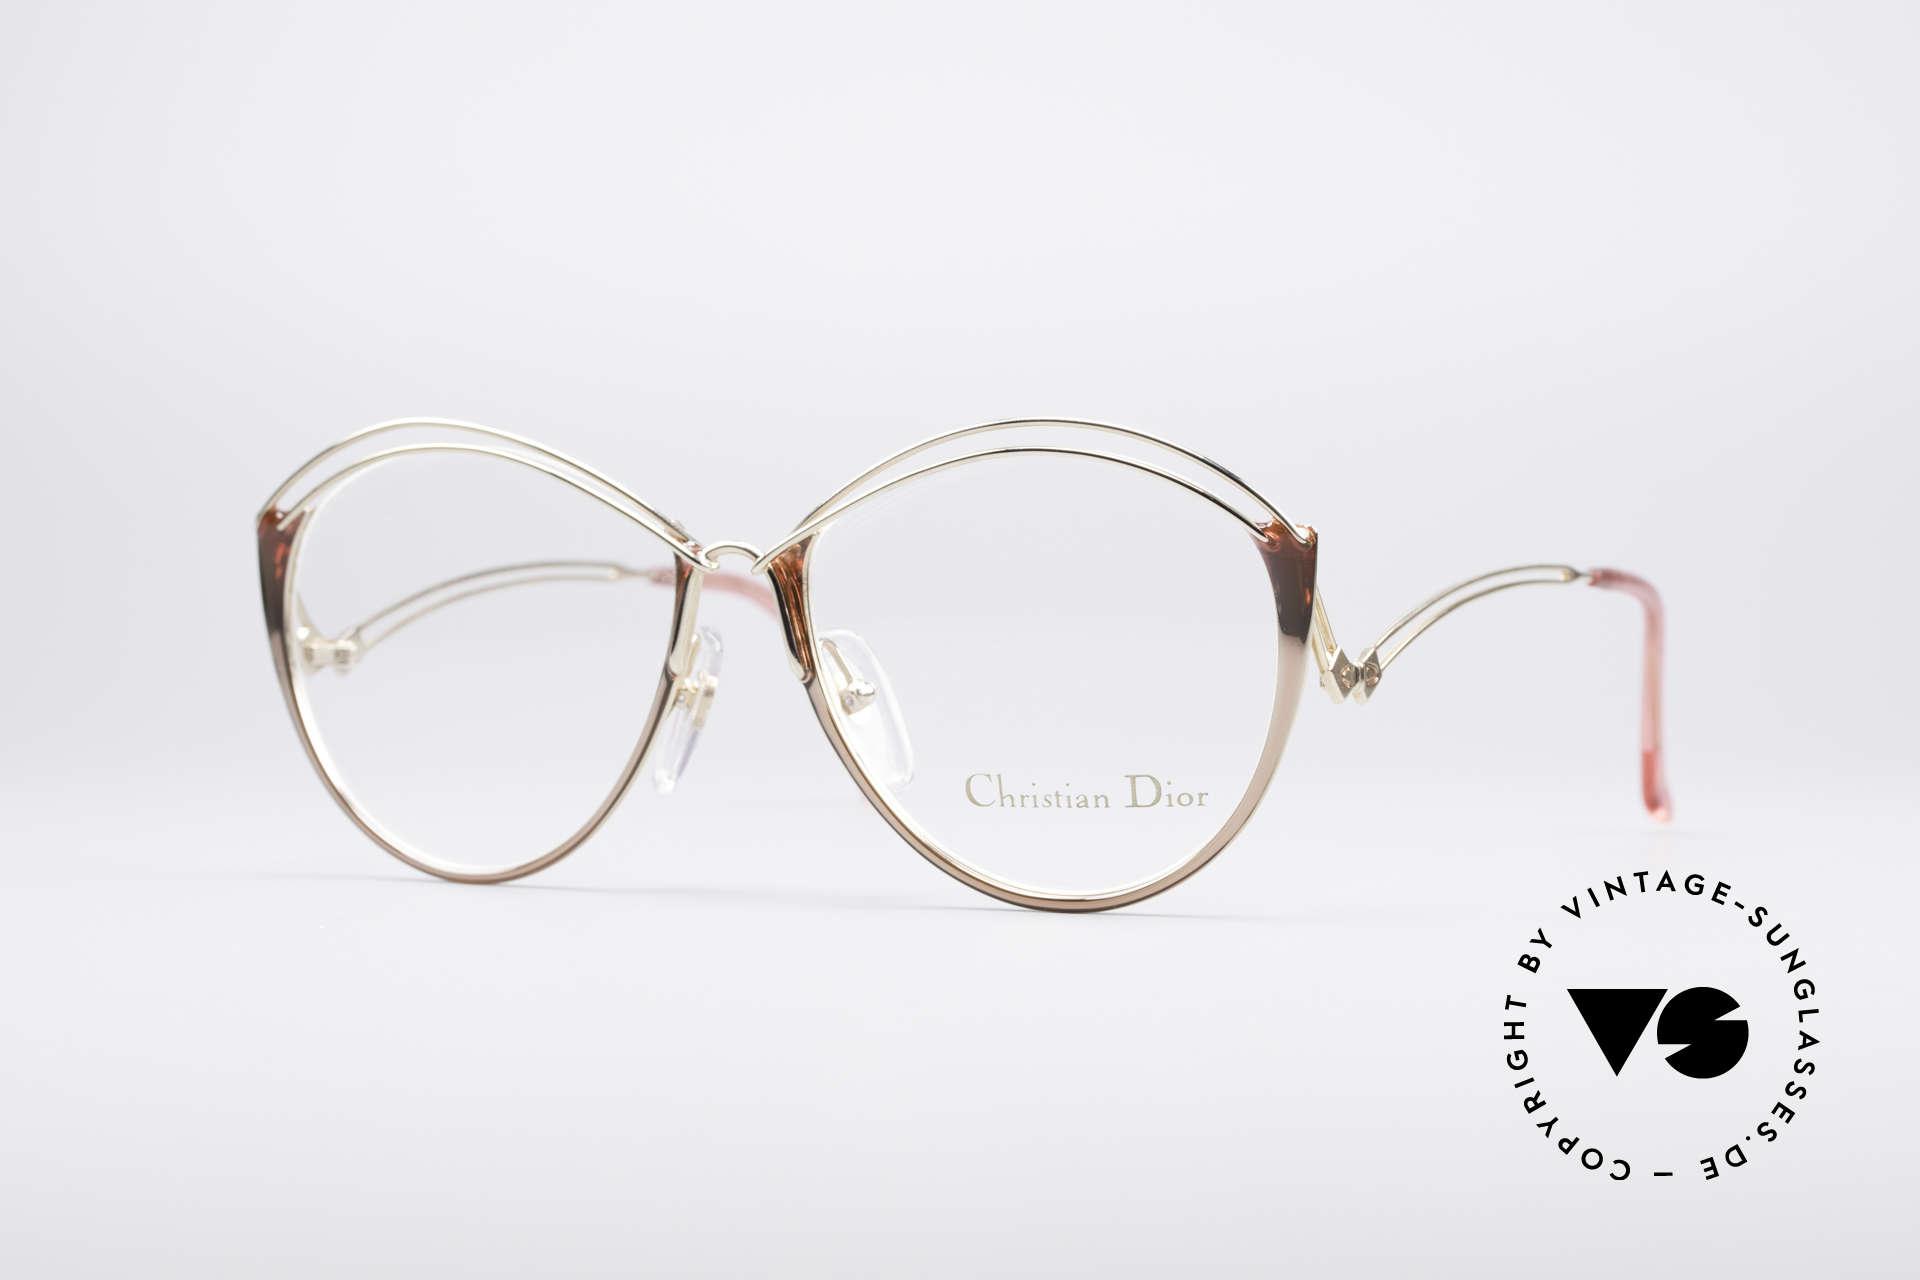 Christian Dior 2535 90er Ladies Brille, zauberhafte Christian Dior Damen-Brille von 1990, Passend für Damen